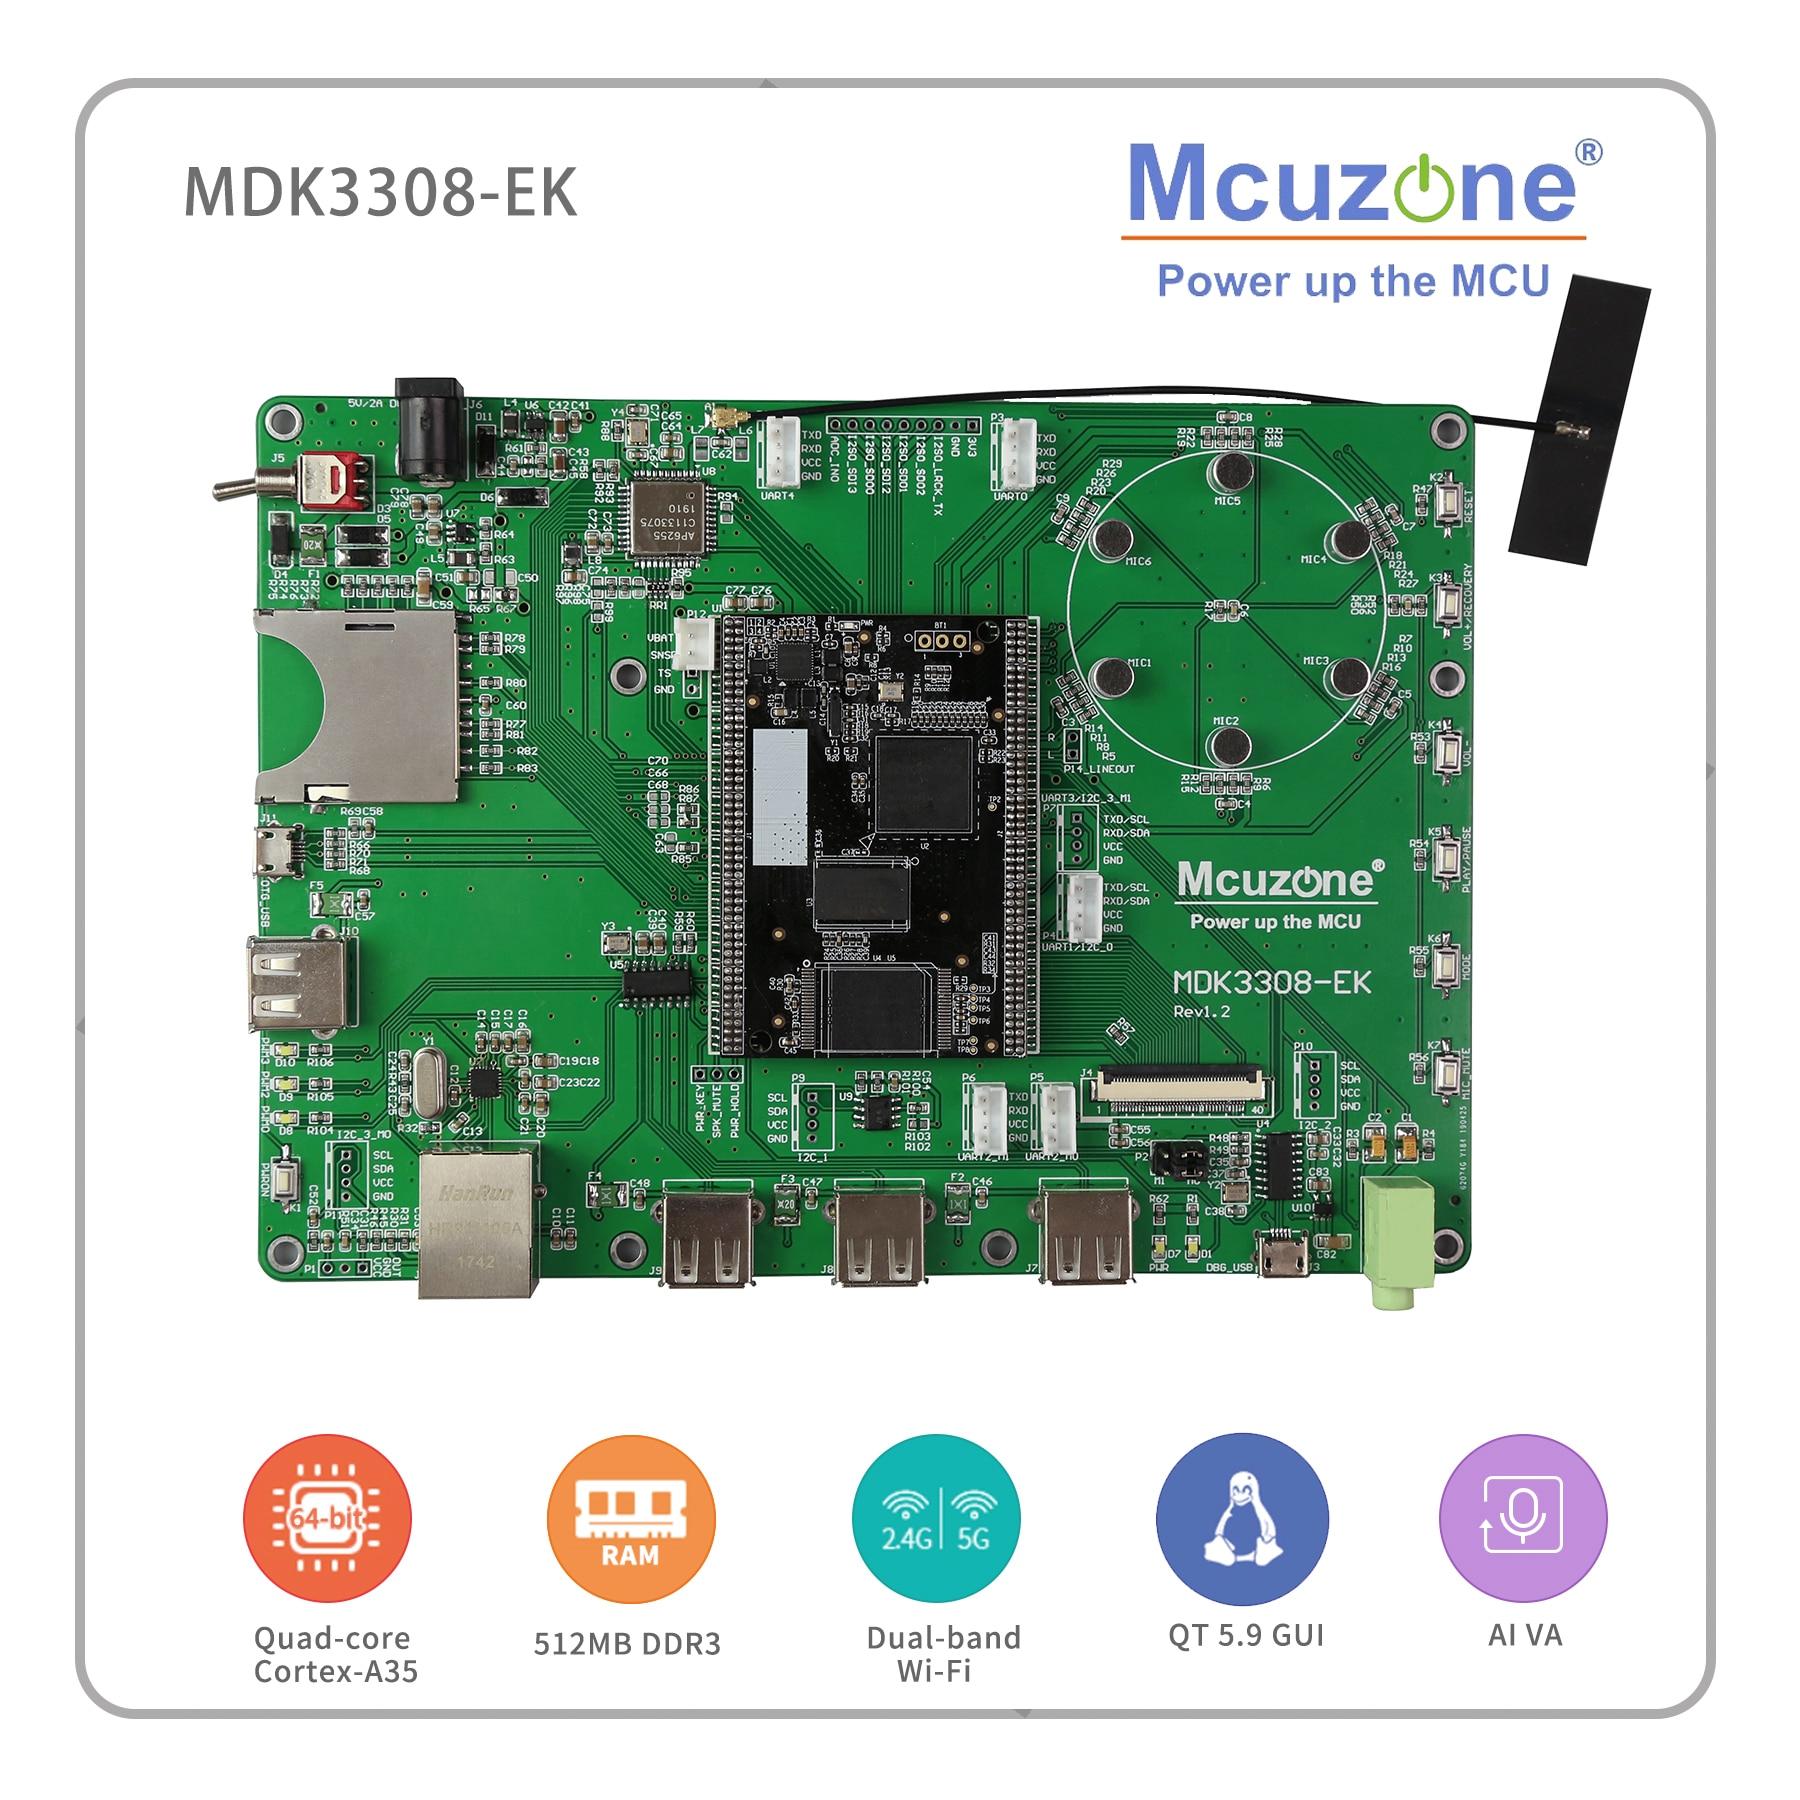 Rockchip RK3308 MDK3308 EK, Quad core Cortex A35 tot 1.3 GHz, 512MB DDR3/3L 8GB eMMC, AI VA 7LCD EC20 4G WIFI UVC Camera-in Demo bord van Computer & Kantoor op AliExpress - 11.11_Dubbel 11Vrijgezellendag 1